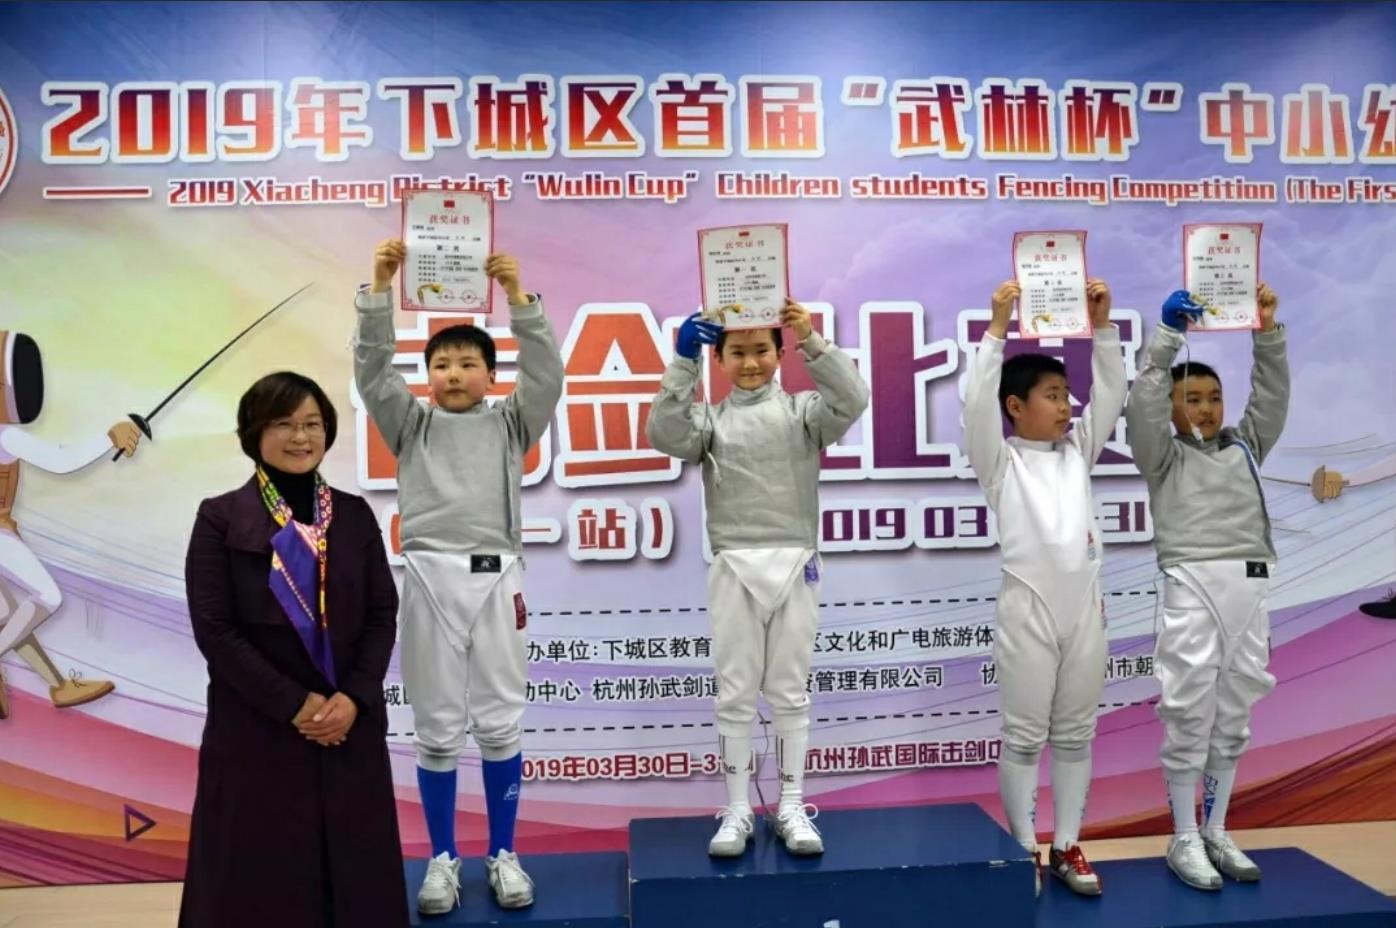 杭州市下城区首届中小幼学生击剑比赛在孙武(杭州)国际击剑中心顺利举办!